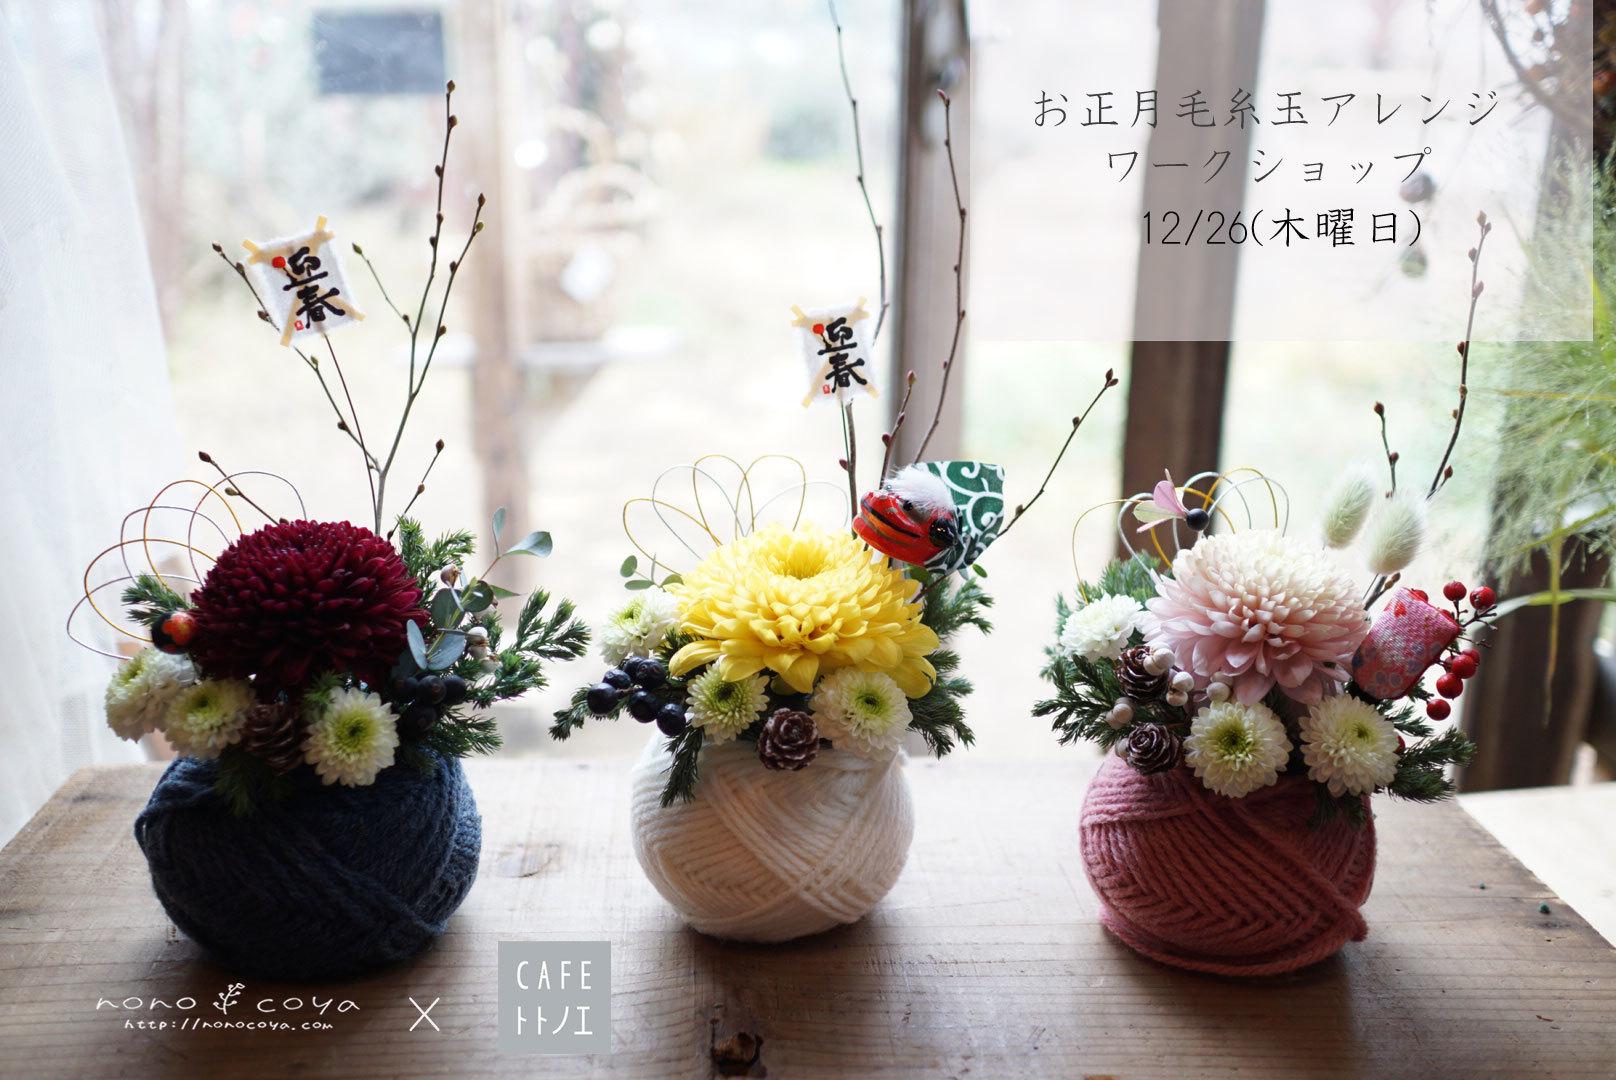 ののこやさんの「お正月飾りと毛糸玉アレンジメントと花餅ワークショップ」のお知らせ_a0325273_20485194.jpg